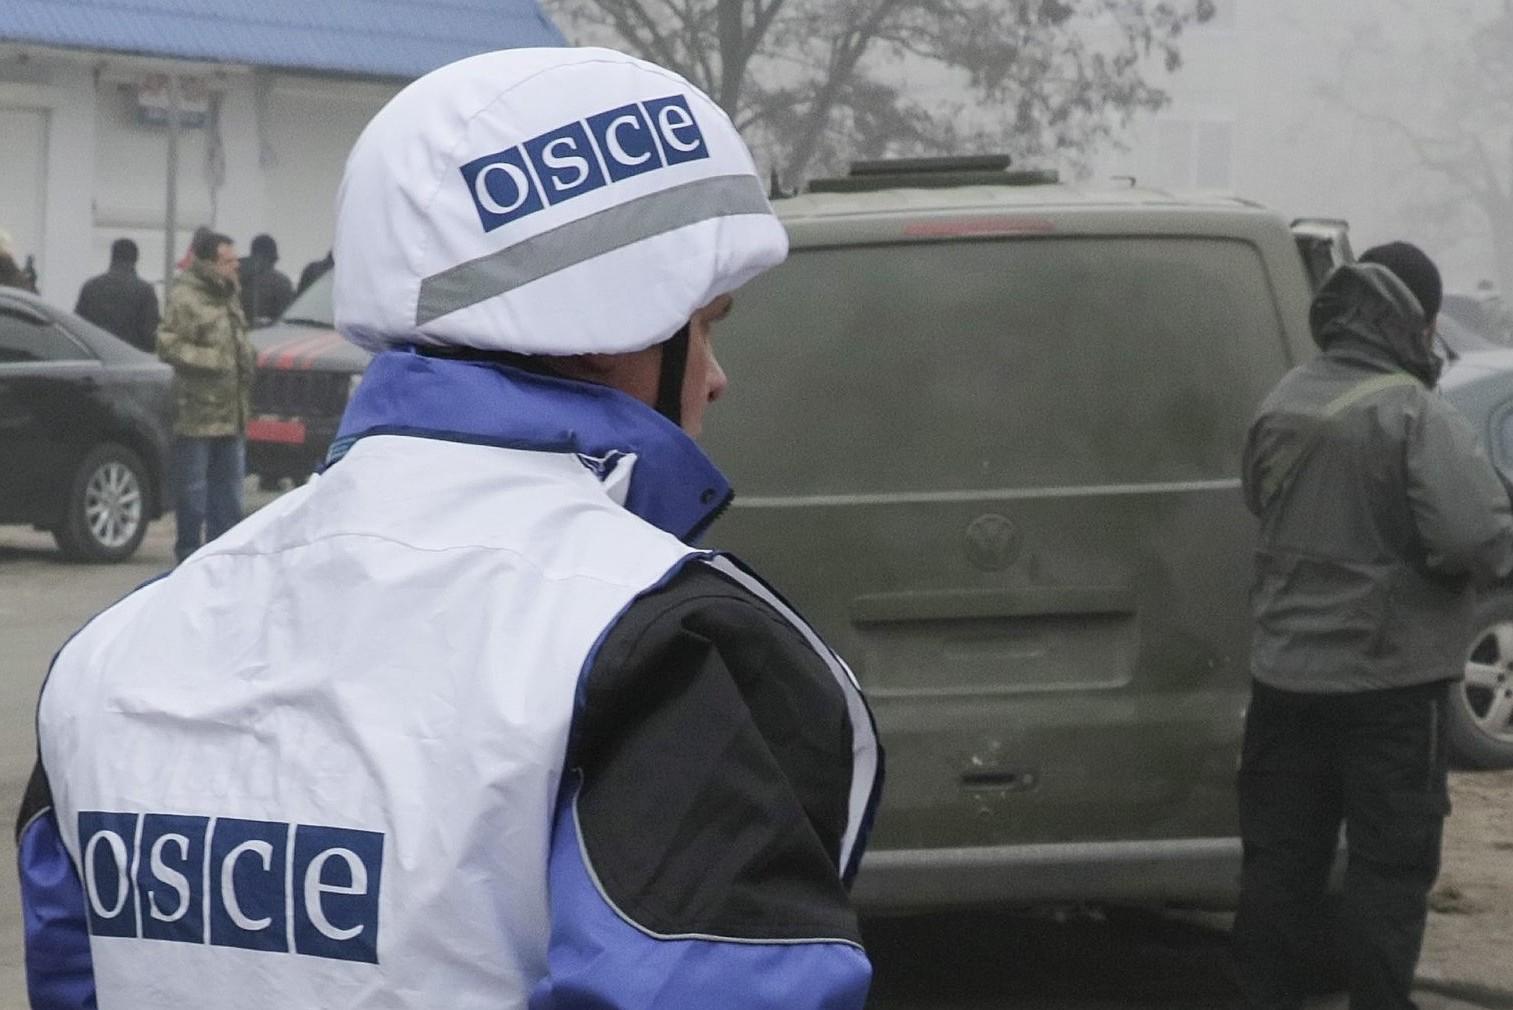 ОБСЕ зафиксировала 30 минометных выстрелов с позиции ВСУ